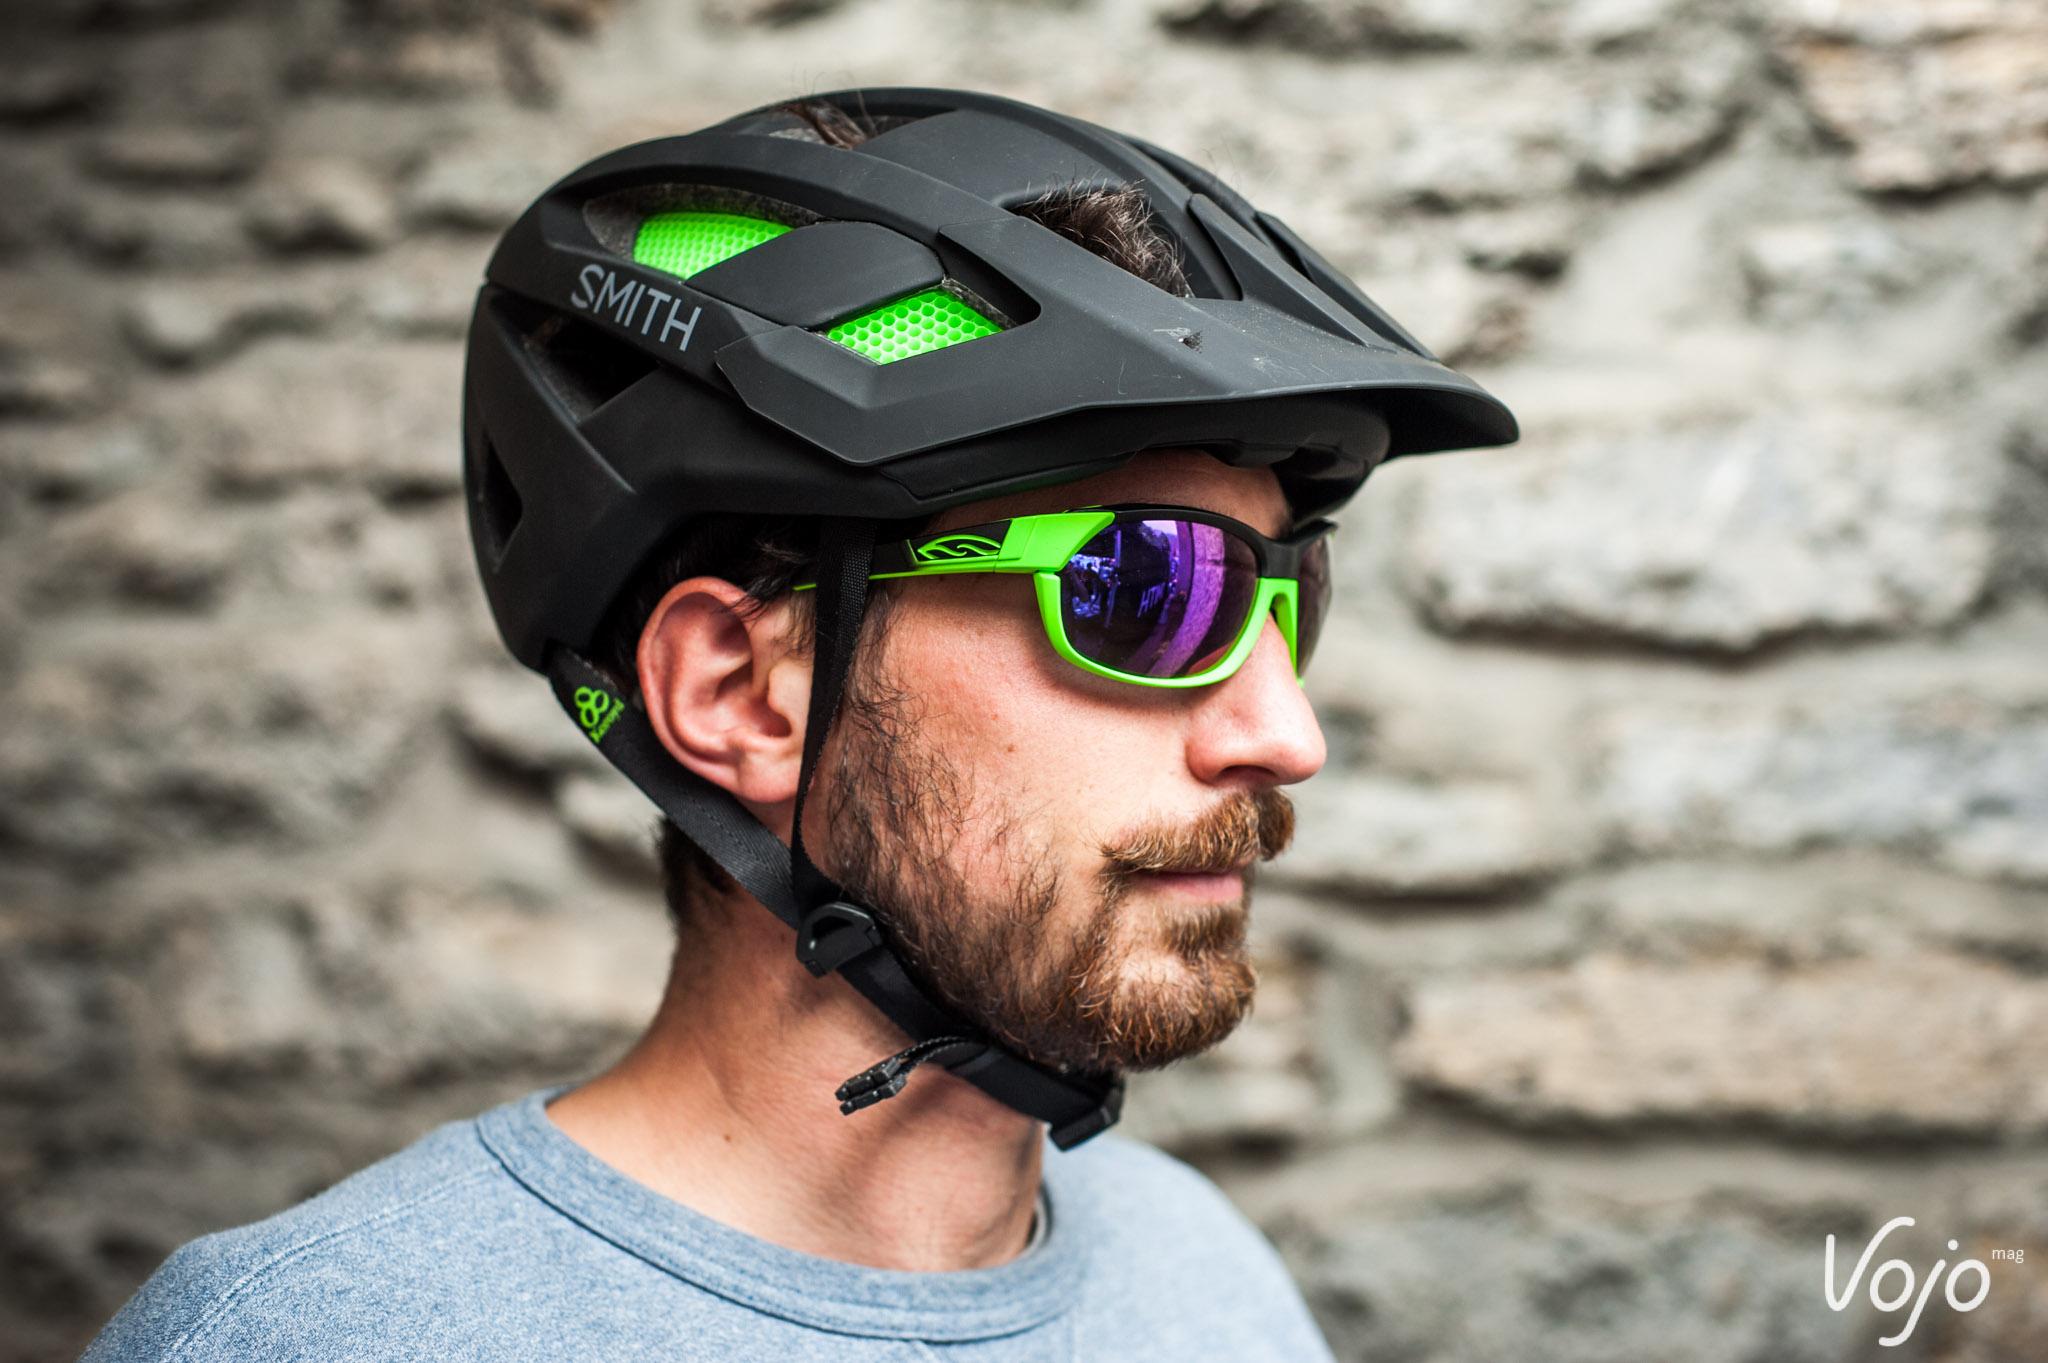 """Le nouveau casque Smith Rover sera commercialisé à 150 euros en version """"classique"""" et à 180 euros équipé de la technologie MIPS. Un grand choix de couleurs est disponible."""